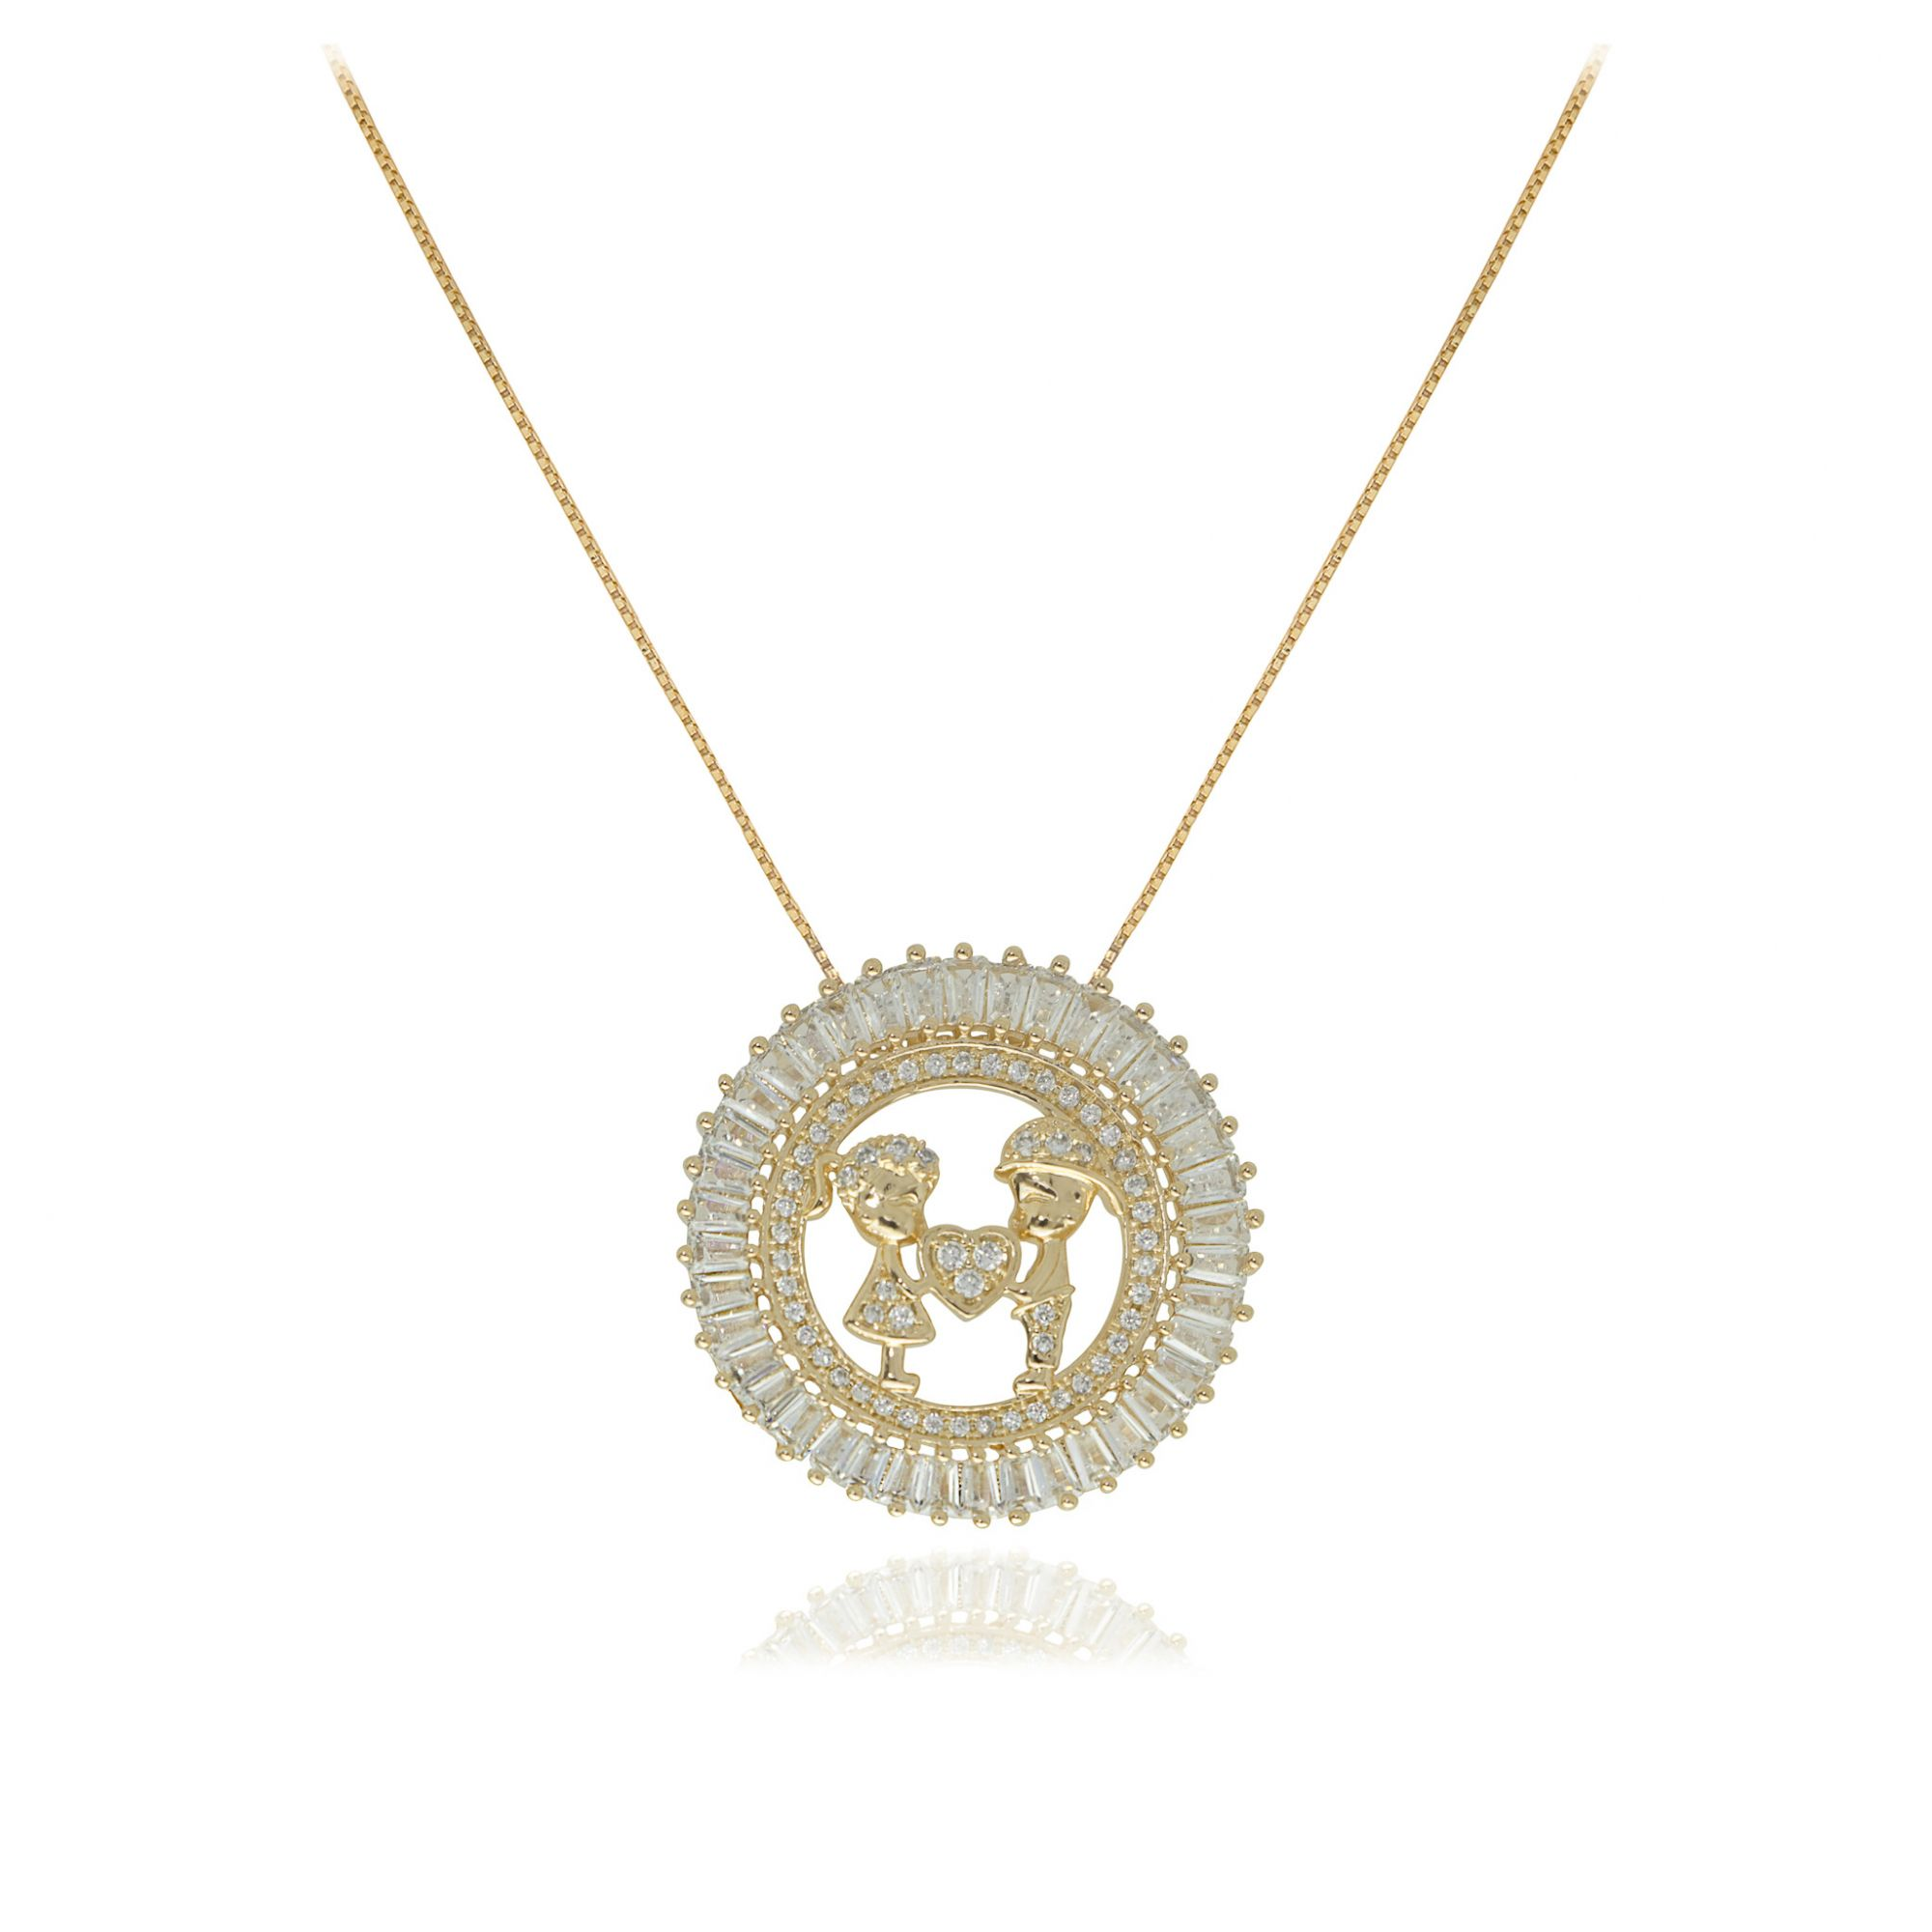 Gargantilha mandala filhos com coração semijoia baguettado em zircônia folheada a ouro 18k ou rhodium